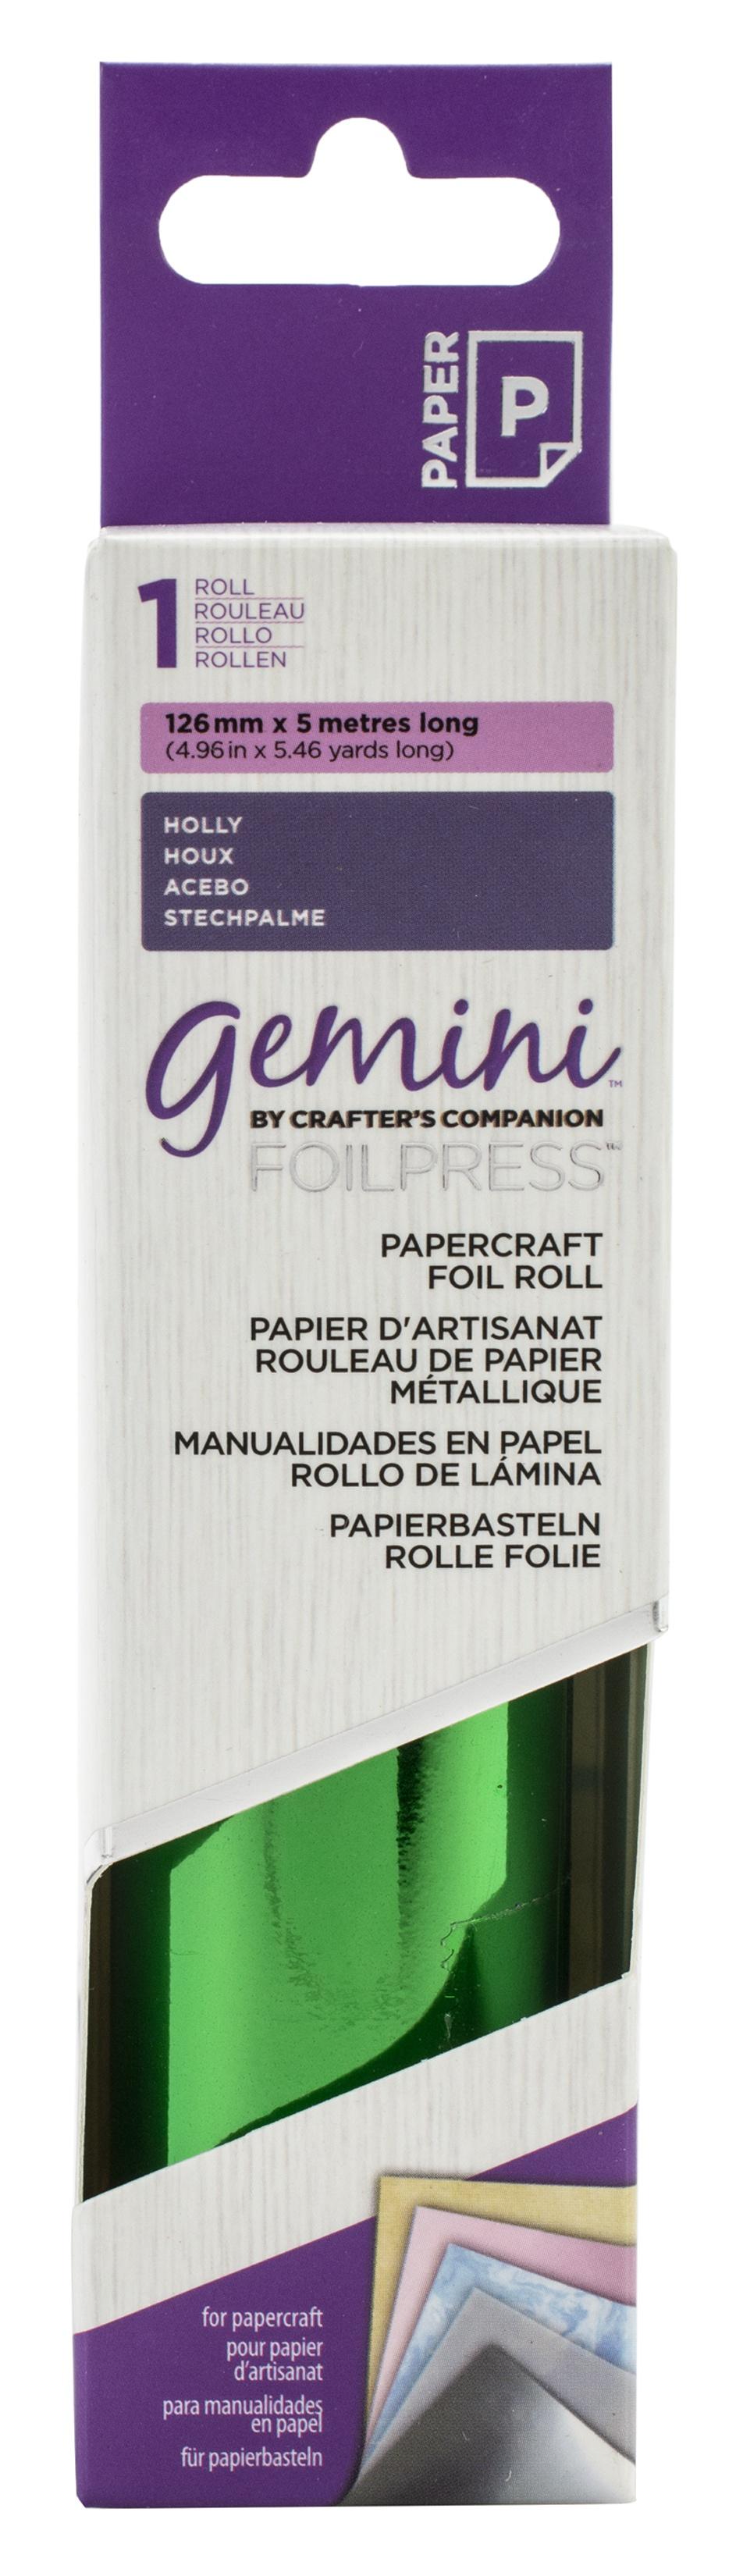 Gemini FoilPress Papercraft Foil Roll-Holly